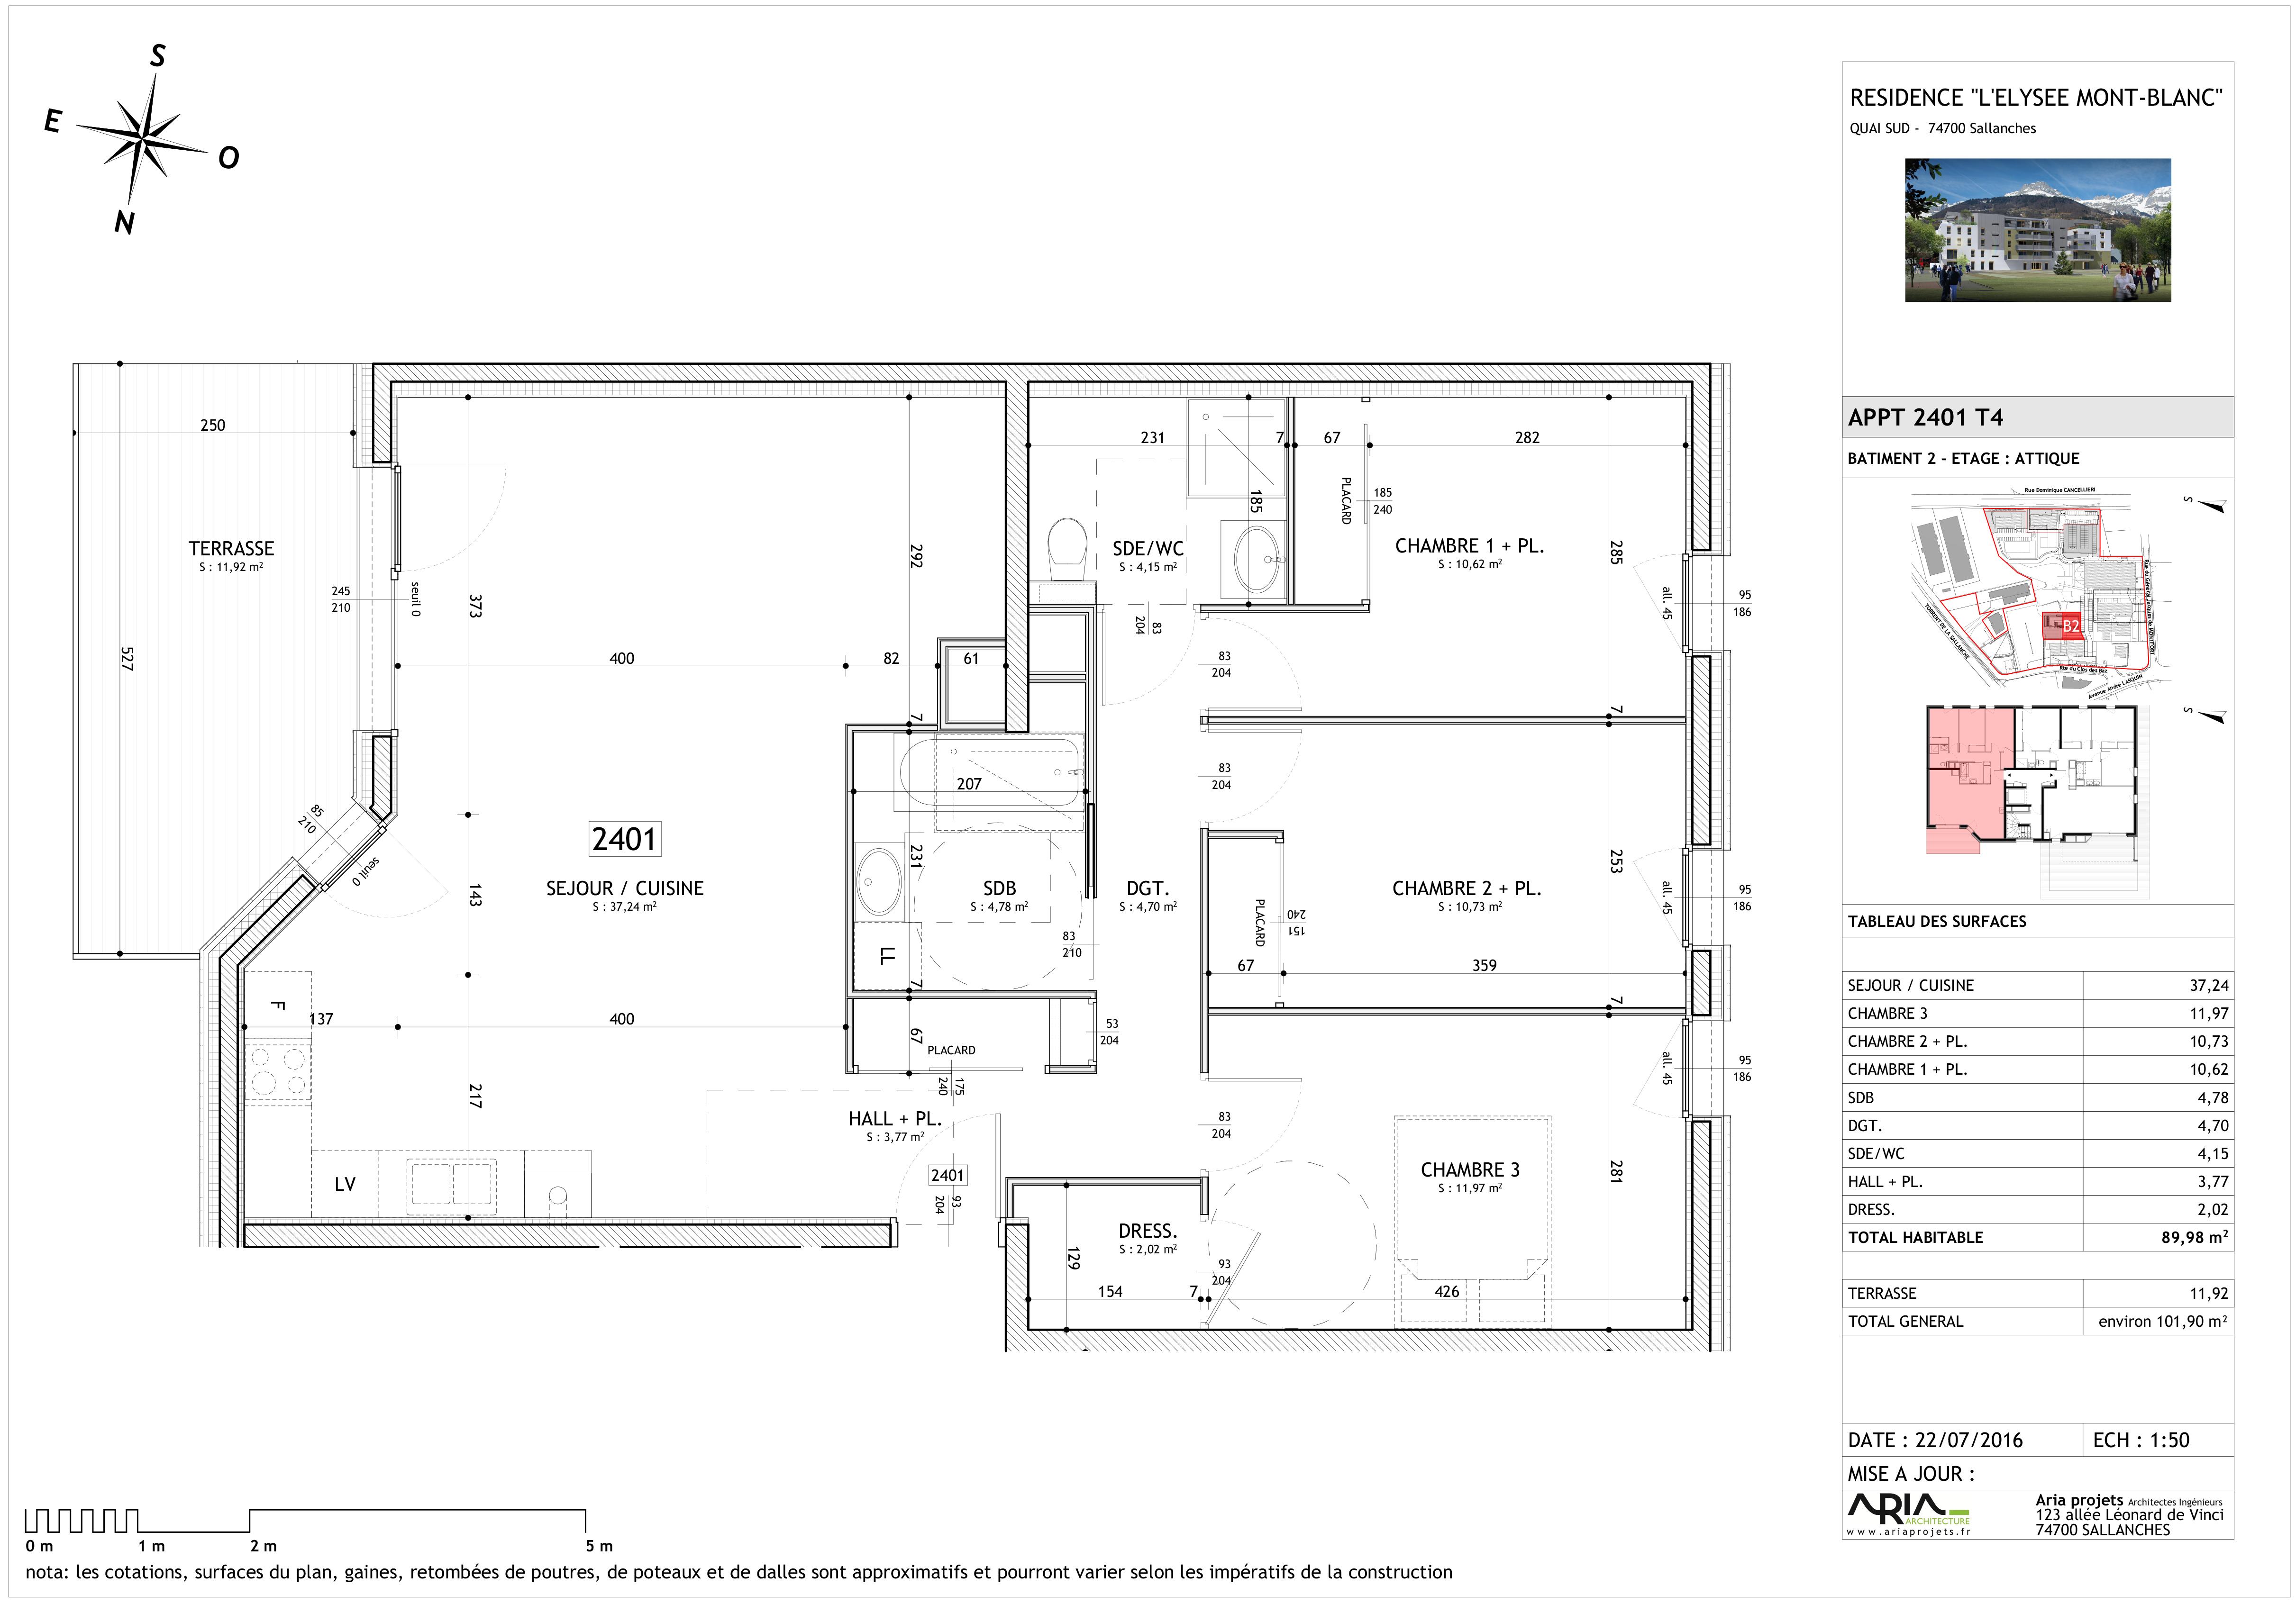 appartement 2401 de type T4